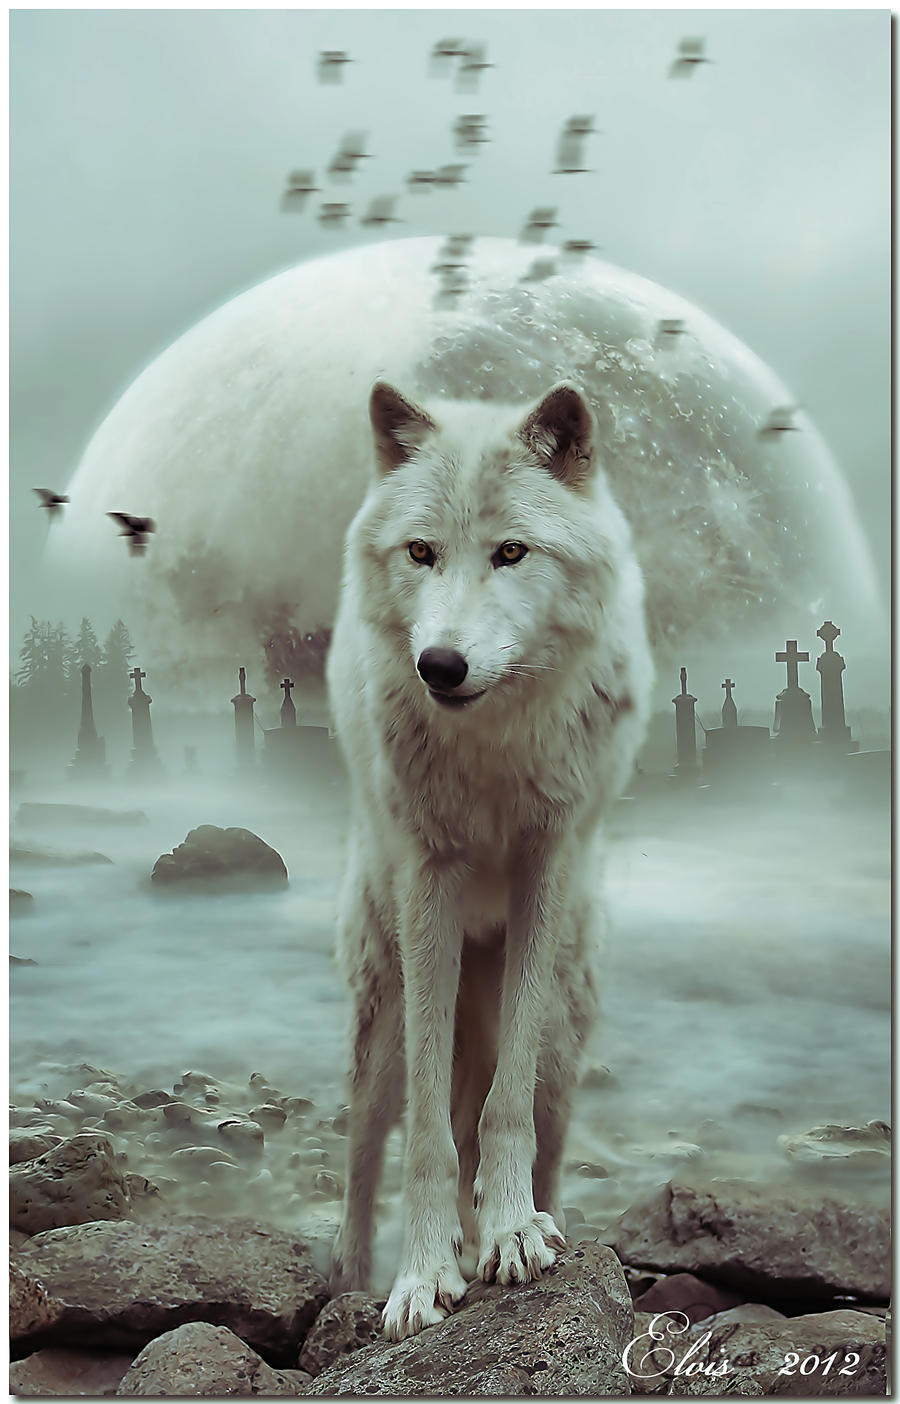 King of wolves by Elvisegp on DeviantArt